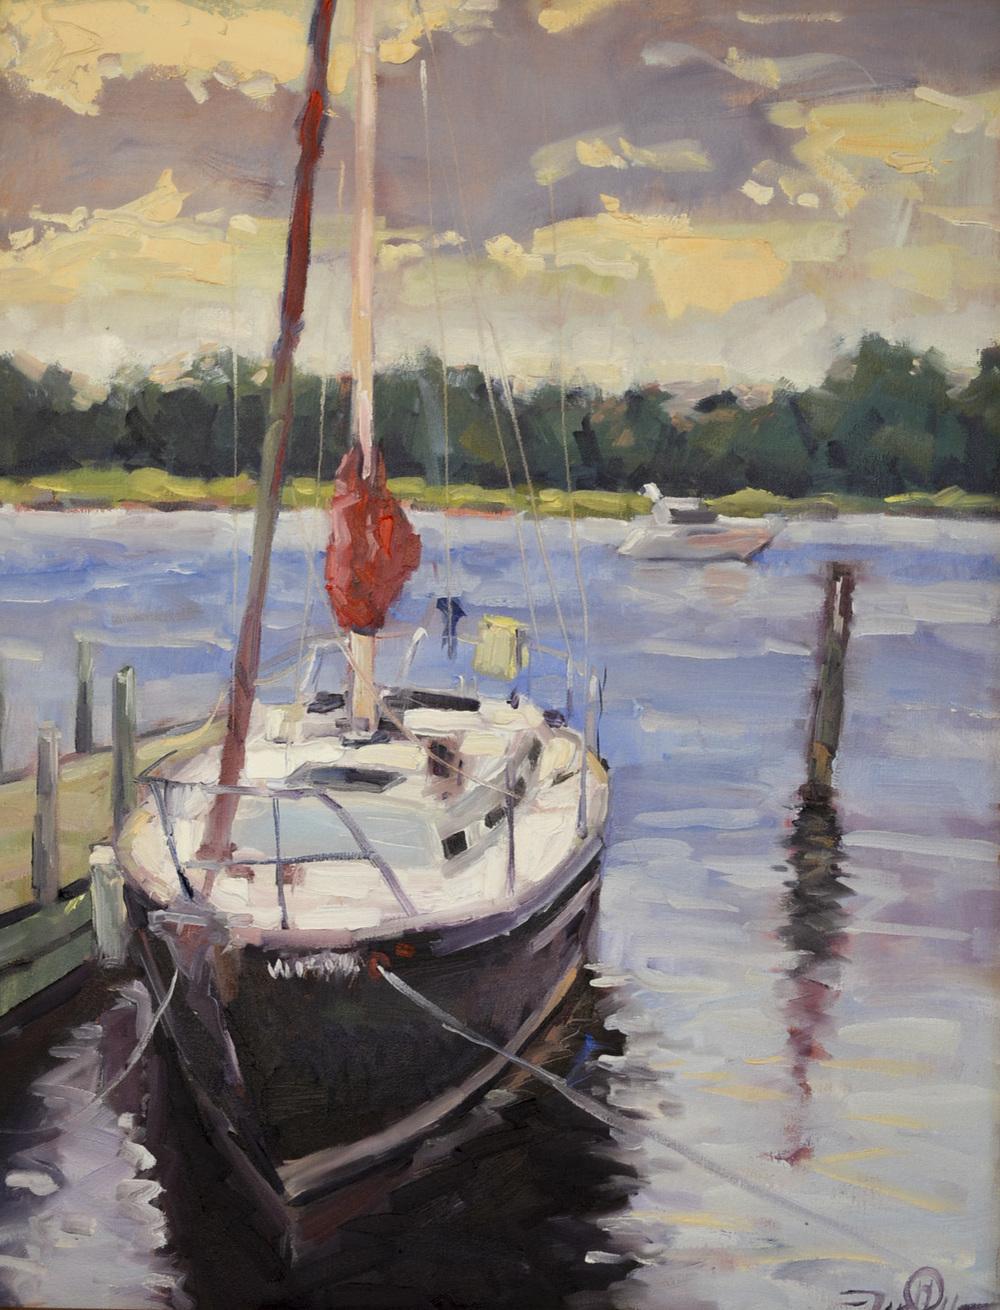 Restful Morning 22x28 Jason Prigge oil on canvas winner 2014 Dockside Quick Paint.JPG